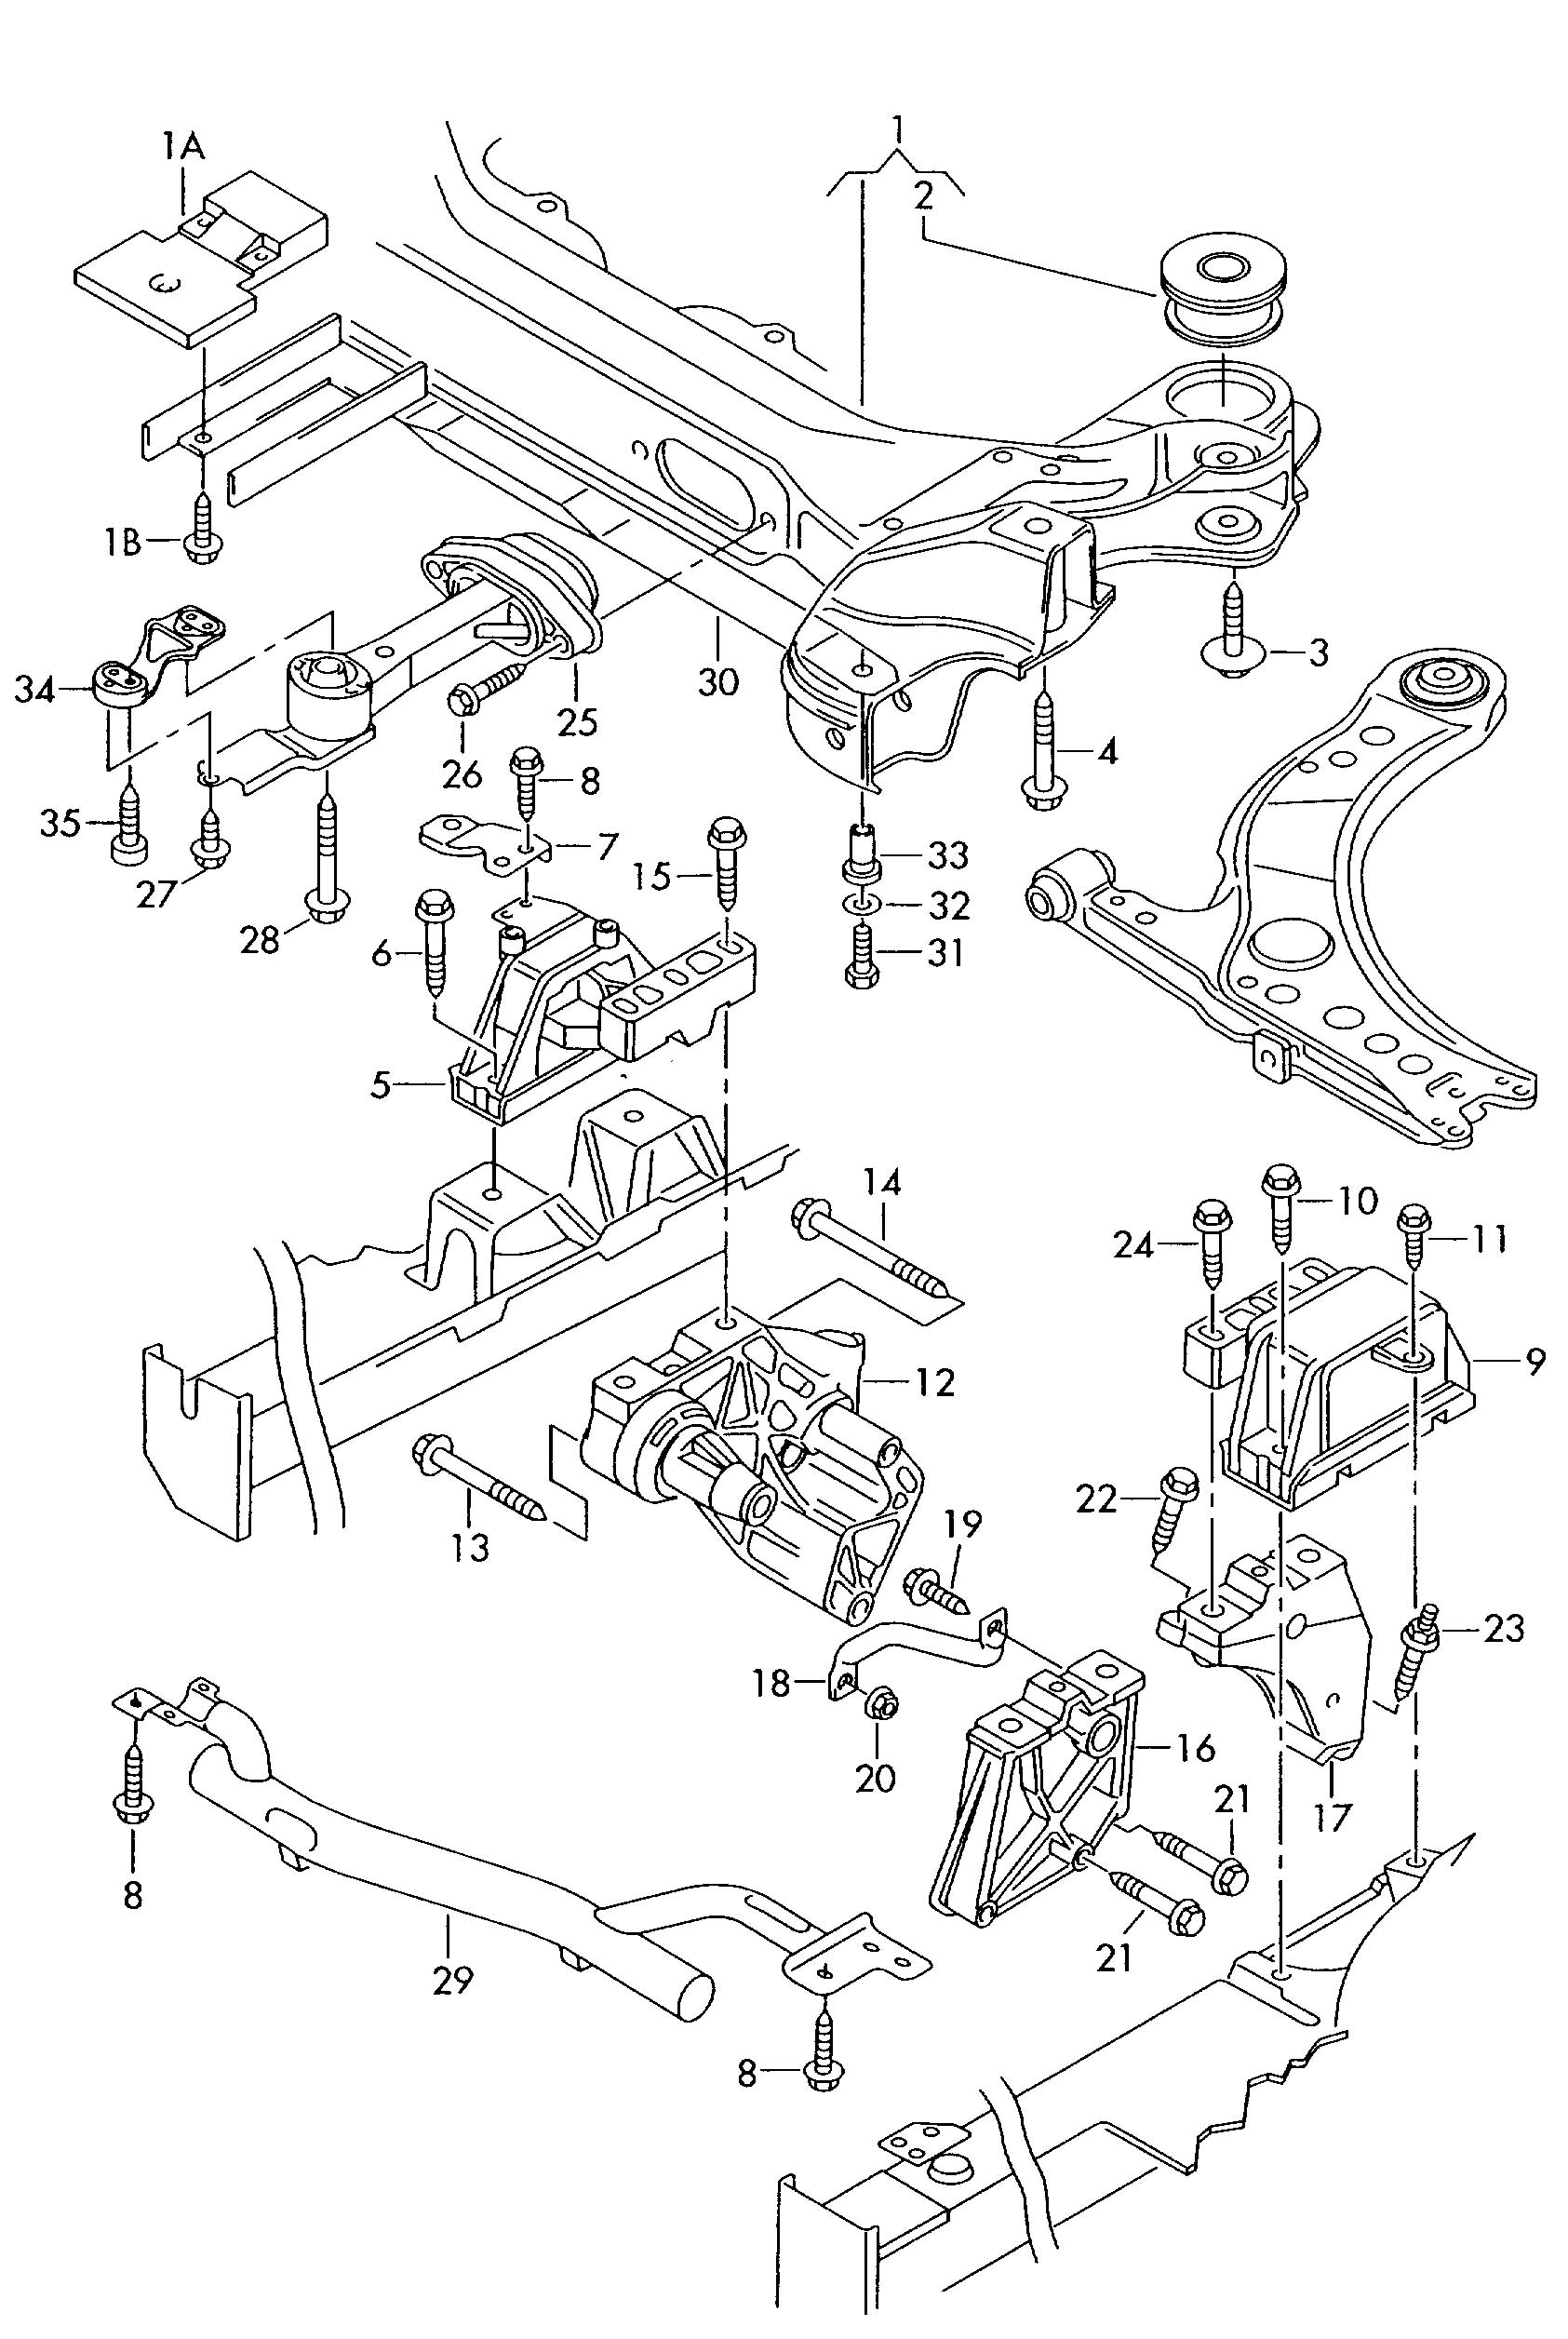 2001 Vw New Beetle Parts Diagram